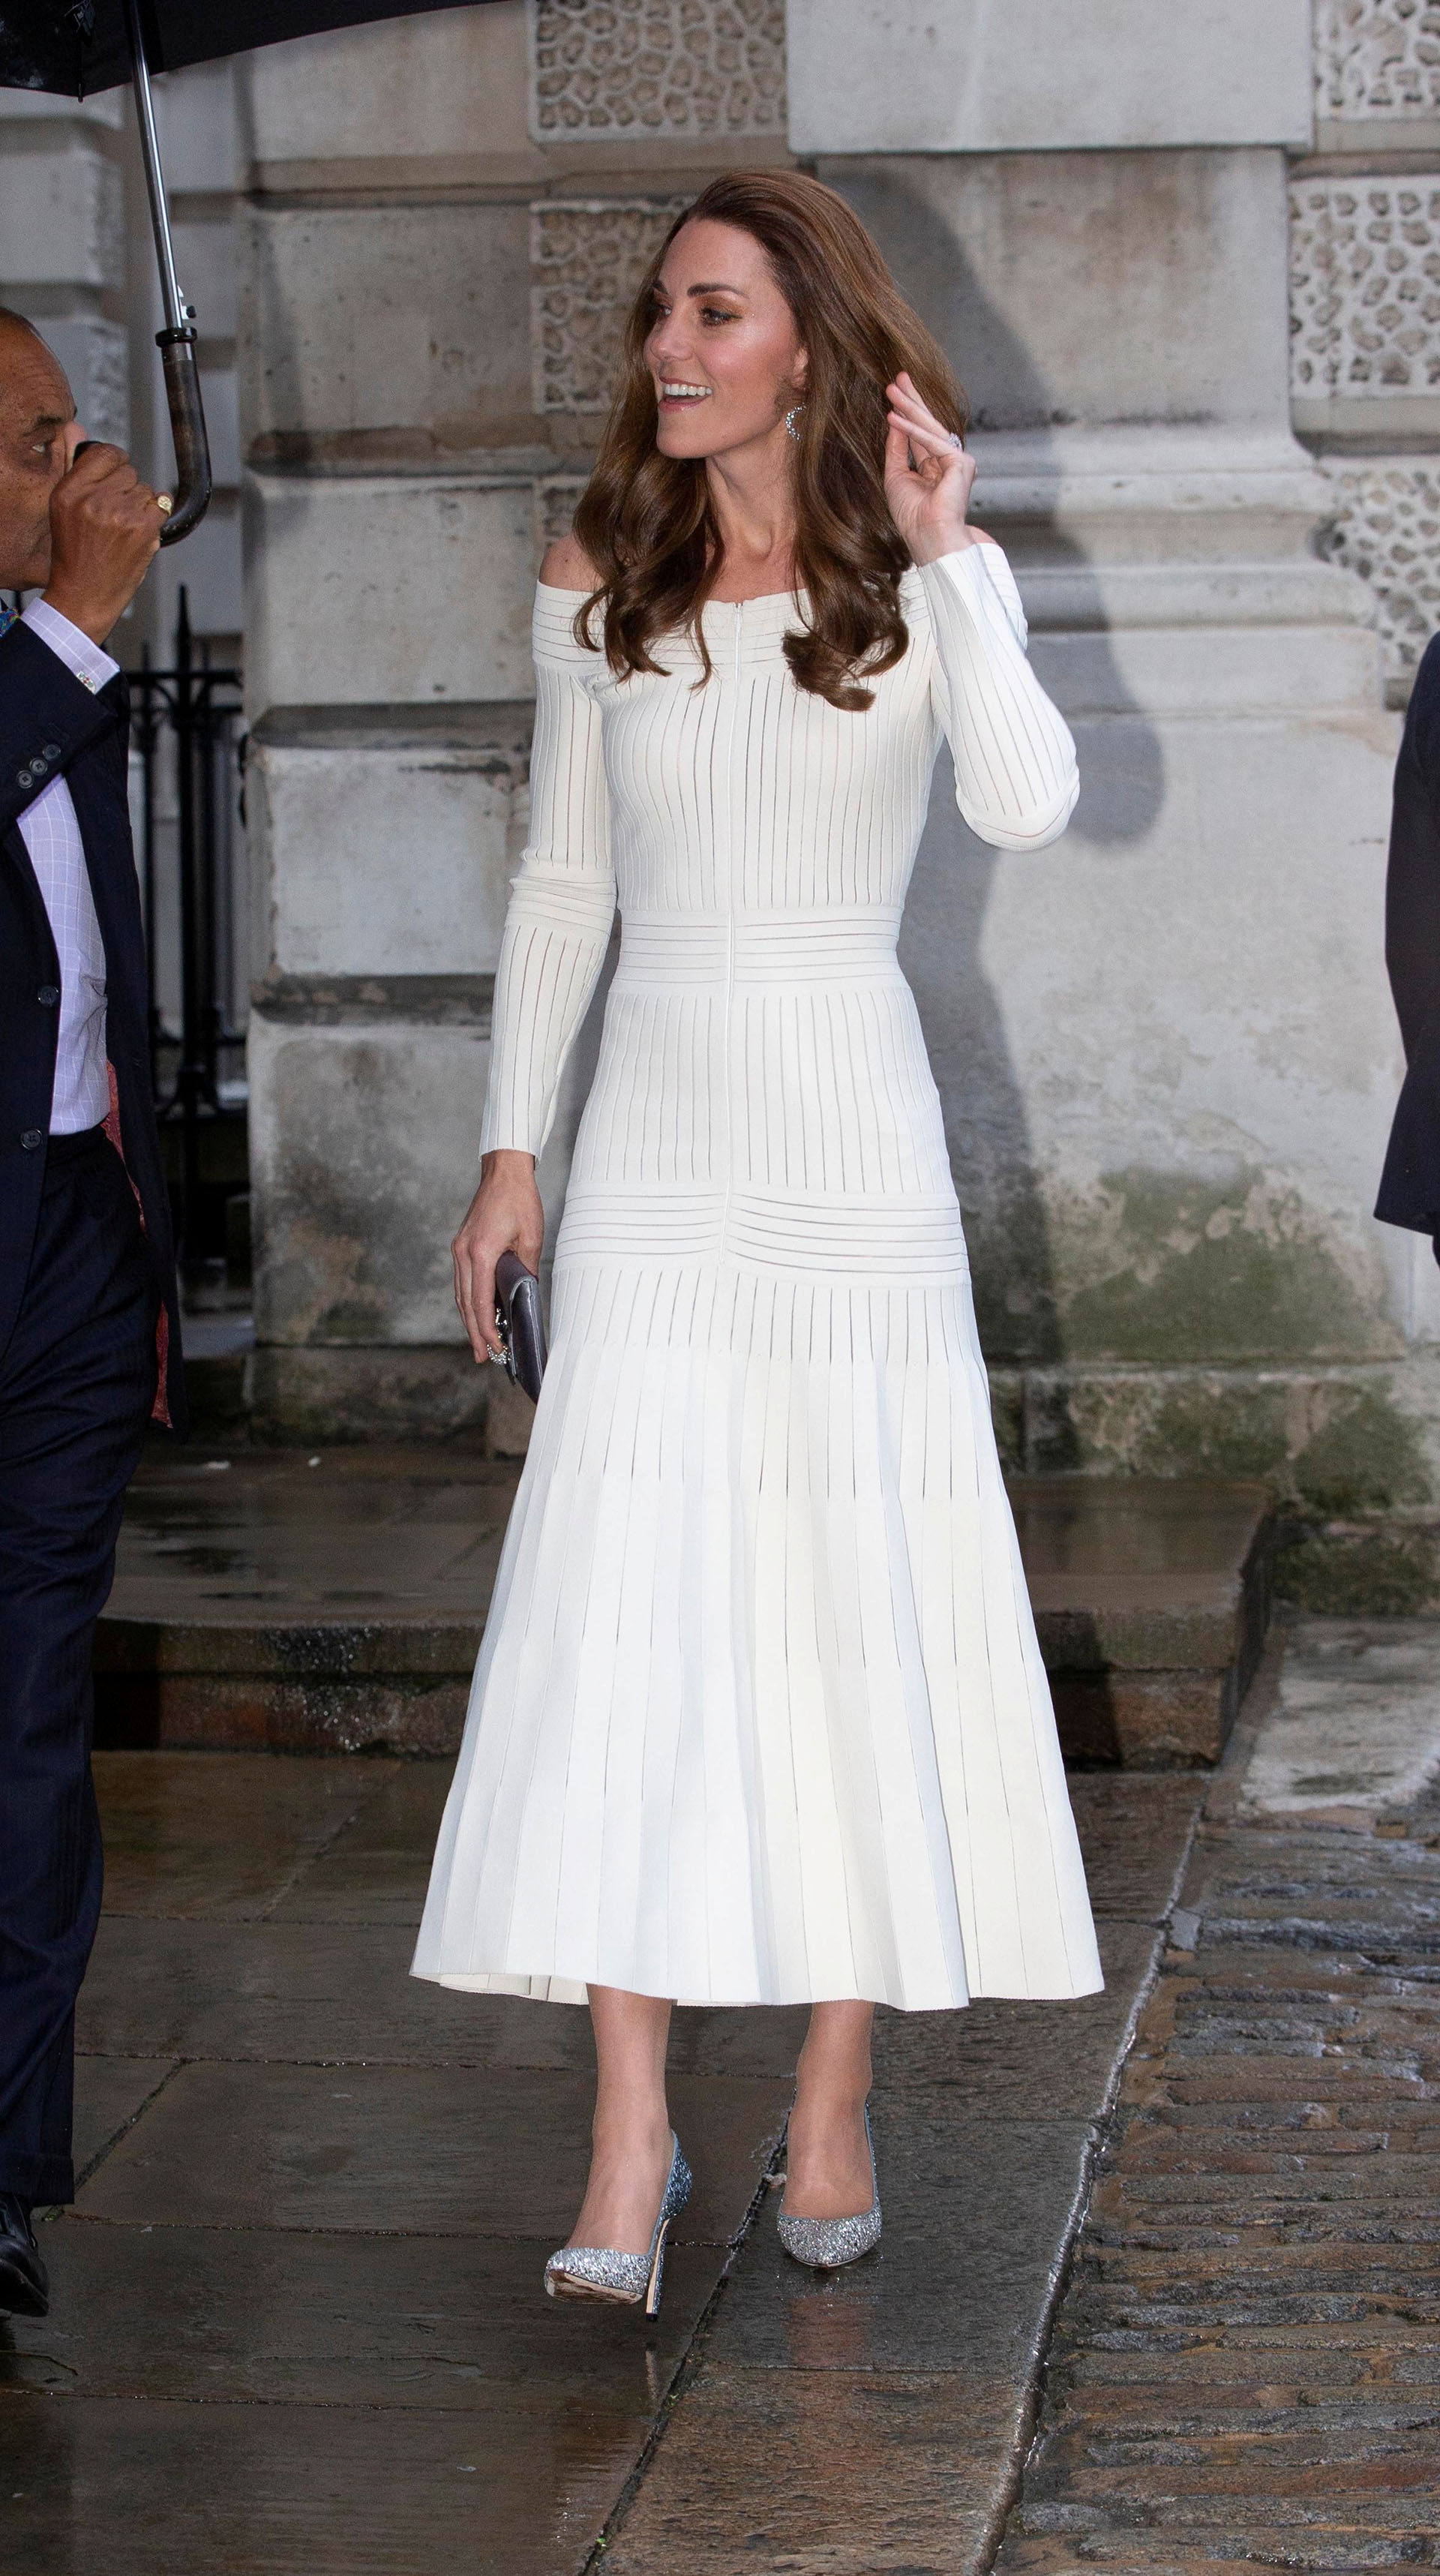 Catalina lució su esbelta figura con este vestido totalmente pegado a su cuerpo